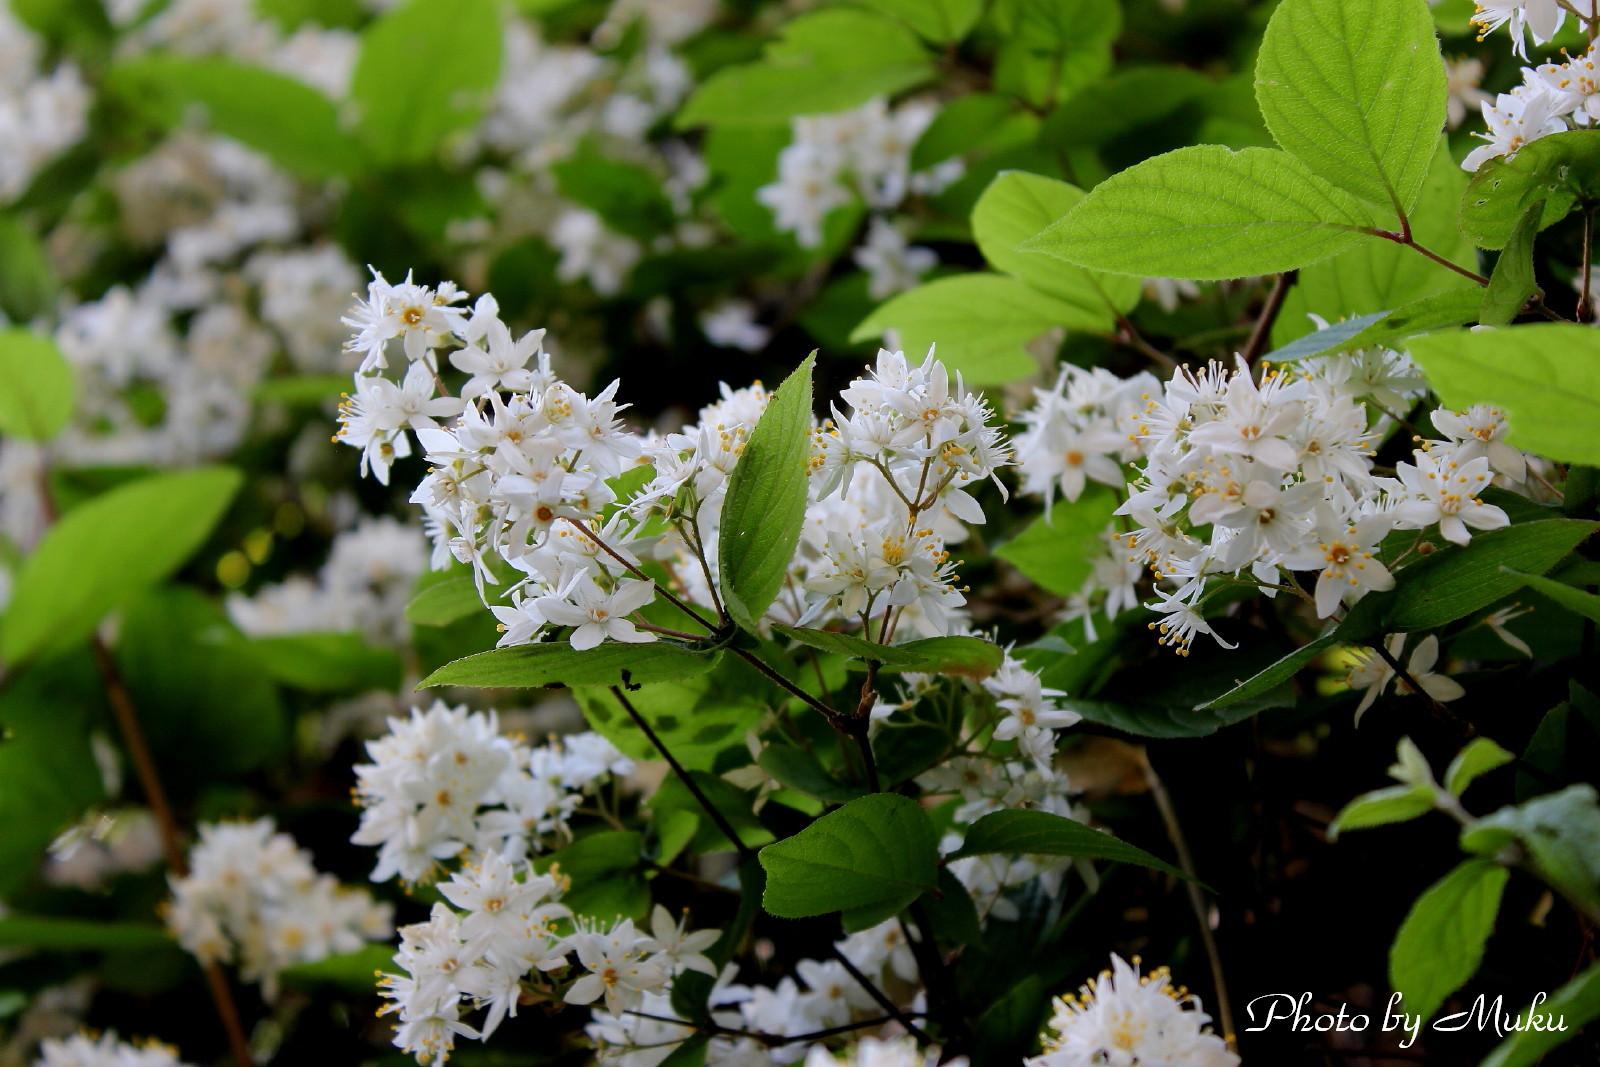 2014/05/02 卯の花 (散歩道:神奈川県横須賀市)